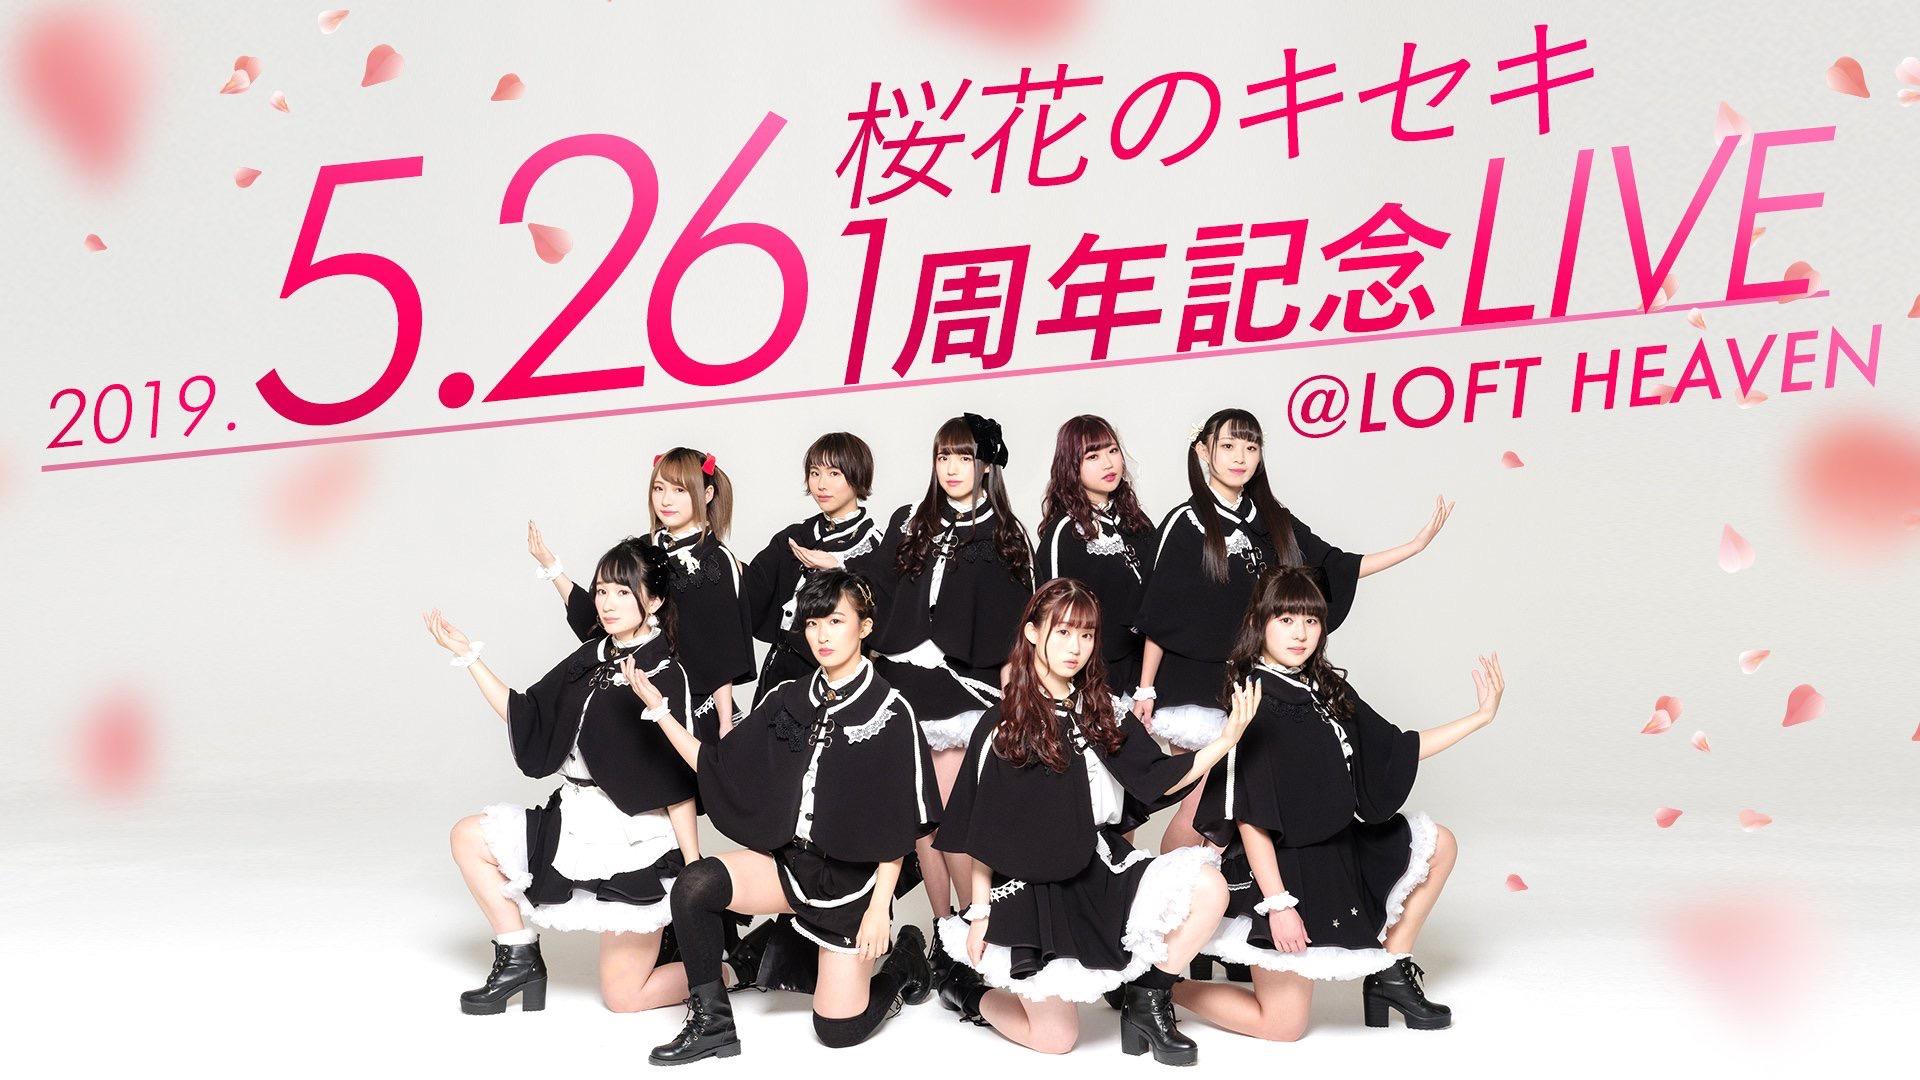 桜花のキセキ「1周年記念ライブ」